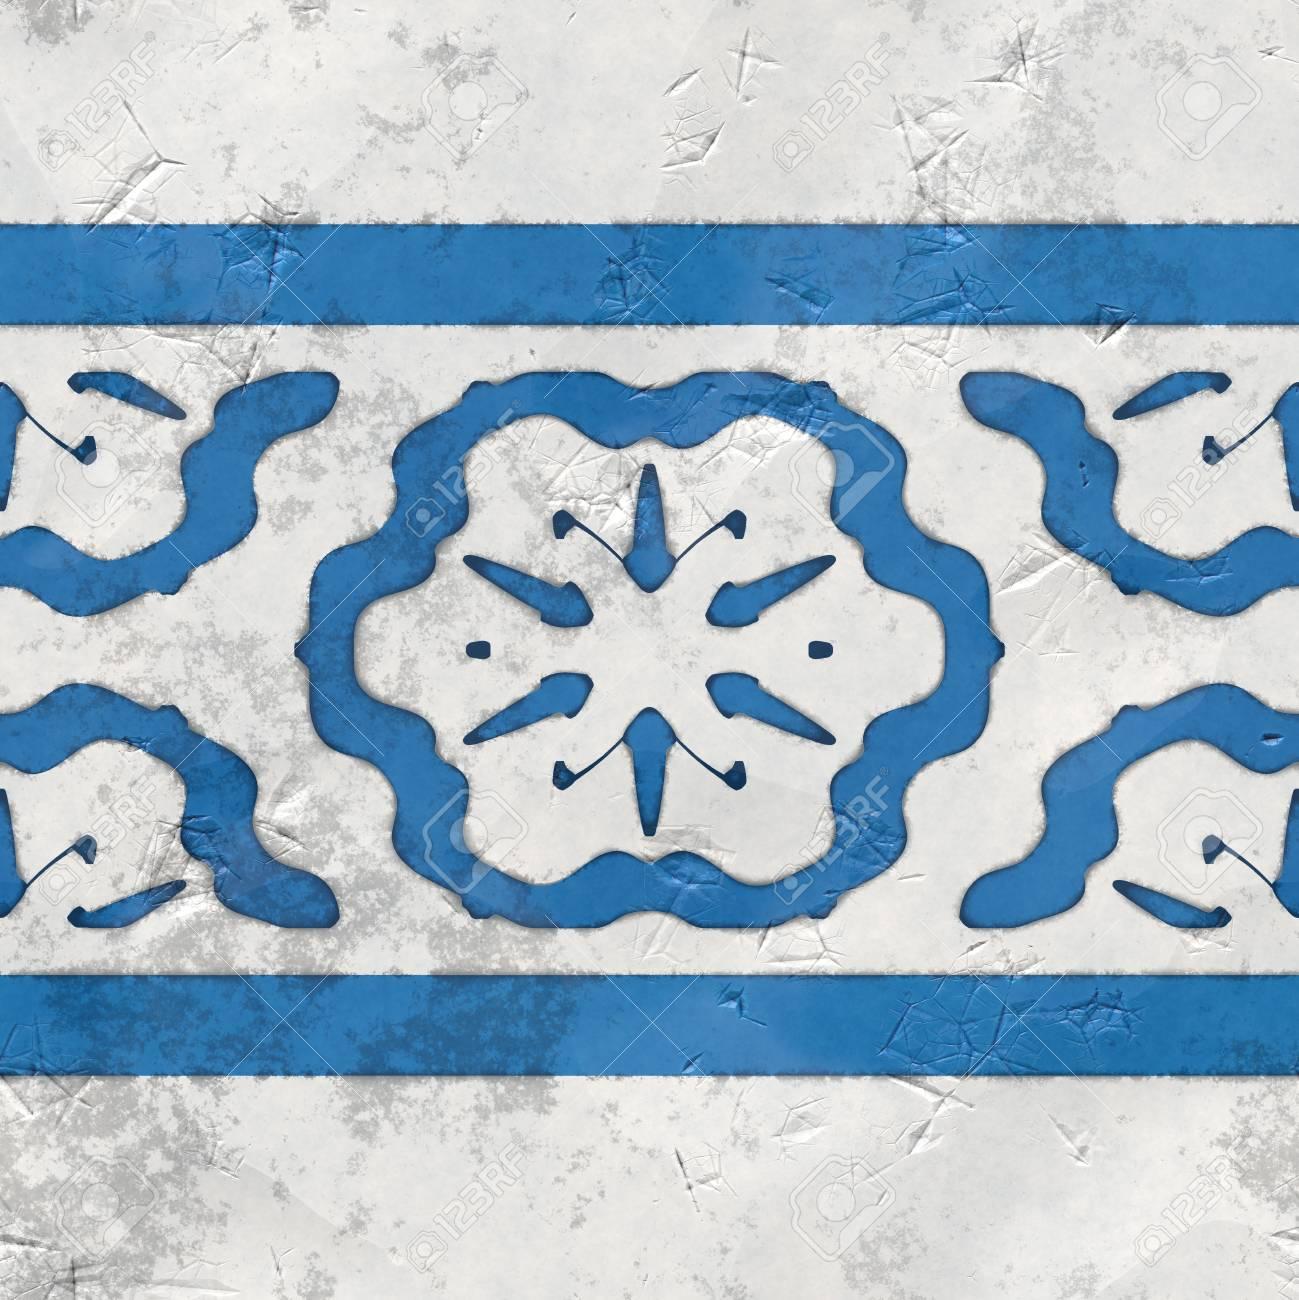 Orientalische Fliesen Blau Weiss Nahtlose Lizenzfreie Fotos Bilder